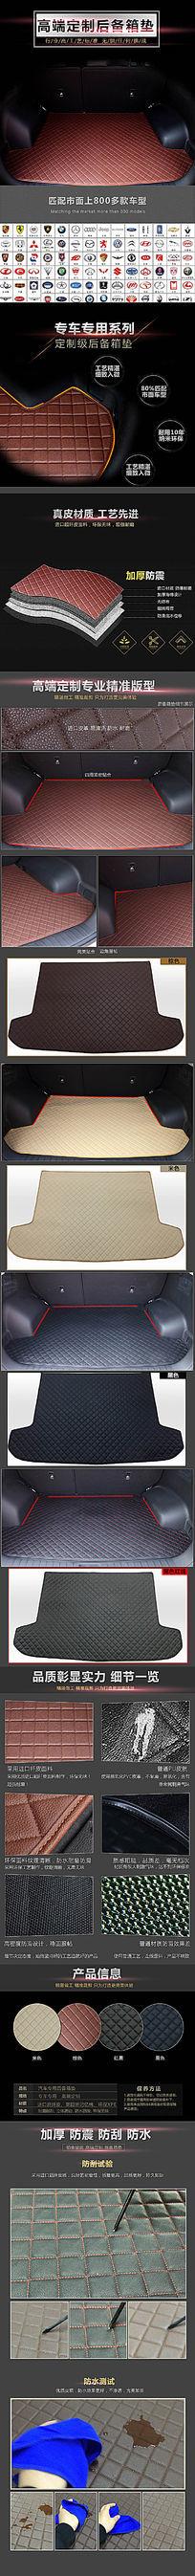 车后备箱详情描述页天猫淘宝详情页汽车用品 PSD